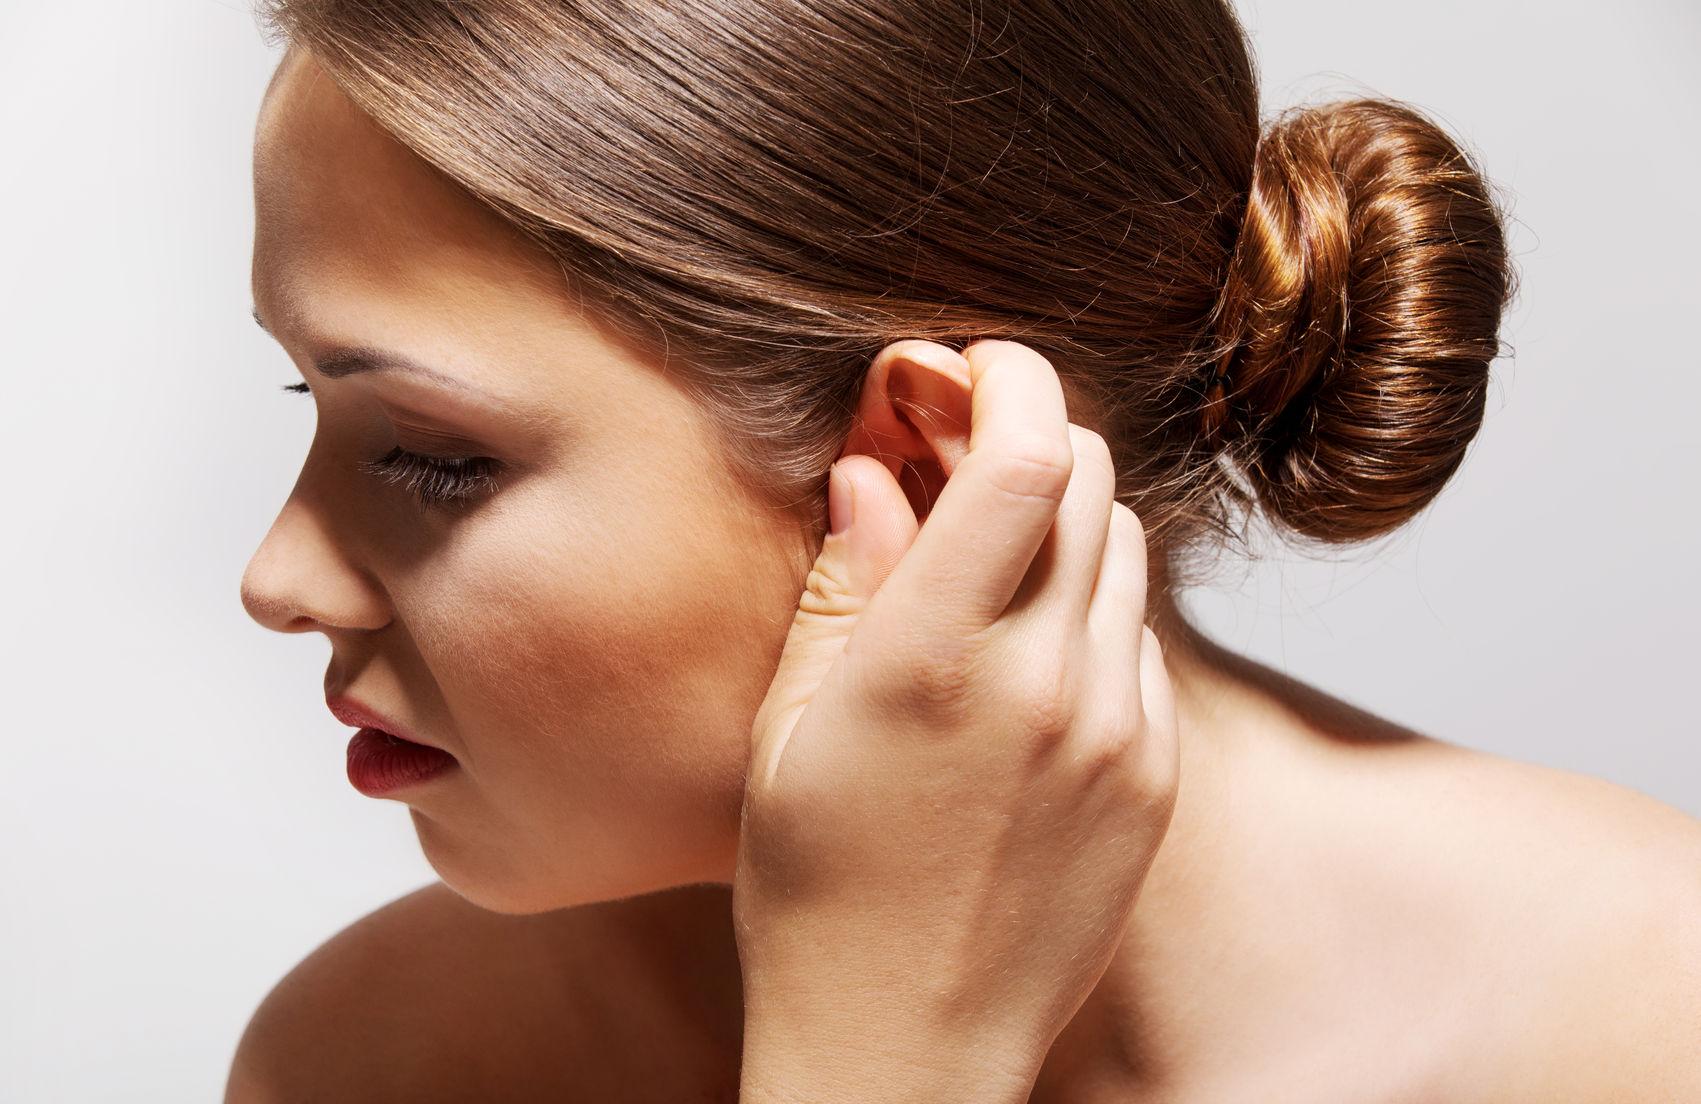 hogyan lehet eltávolítani a pikkelysömör a fülek mögött